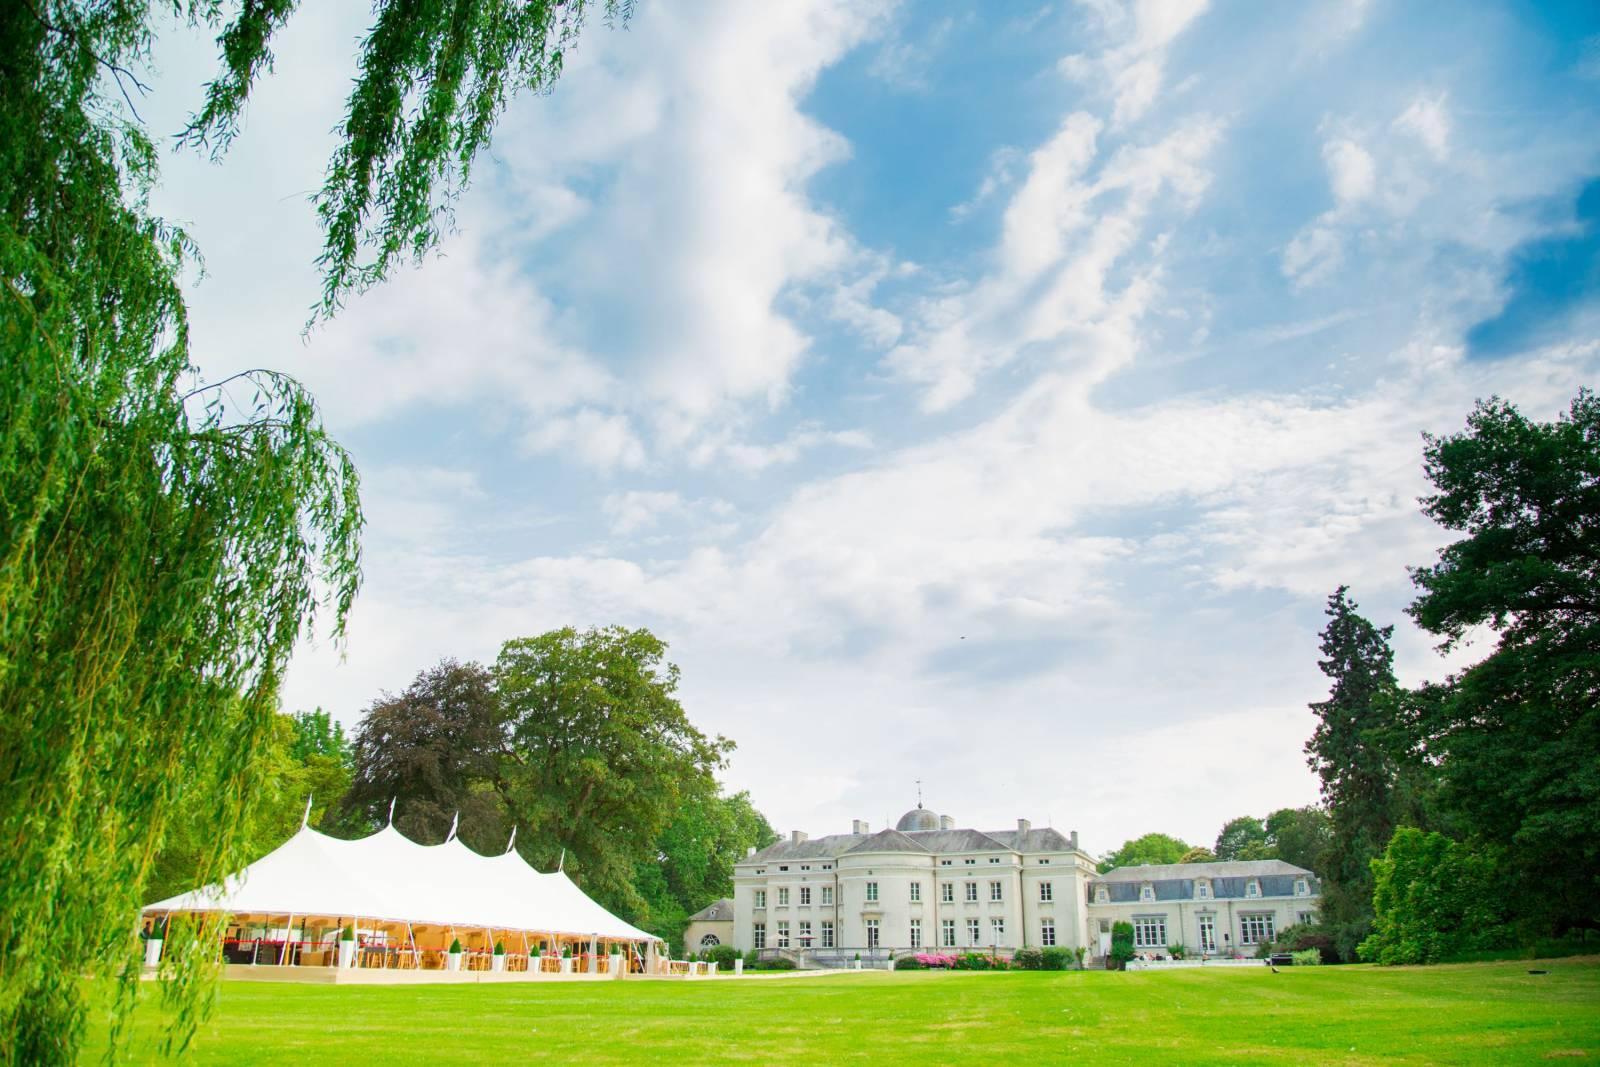 Trouwkasteel - Feestzaal - House of Weddings - 4